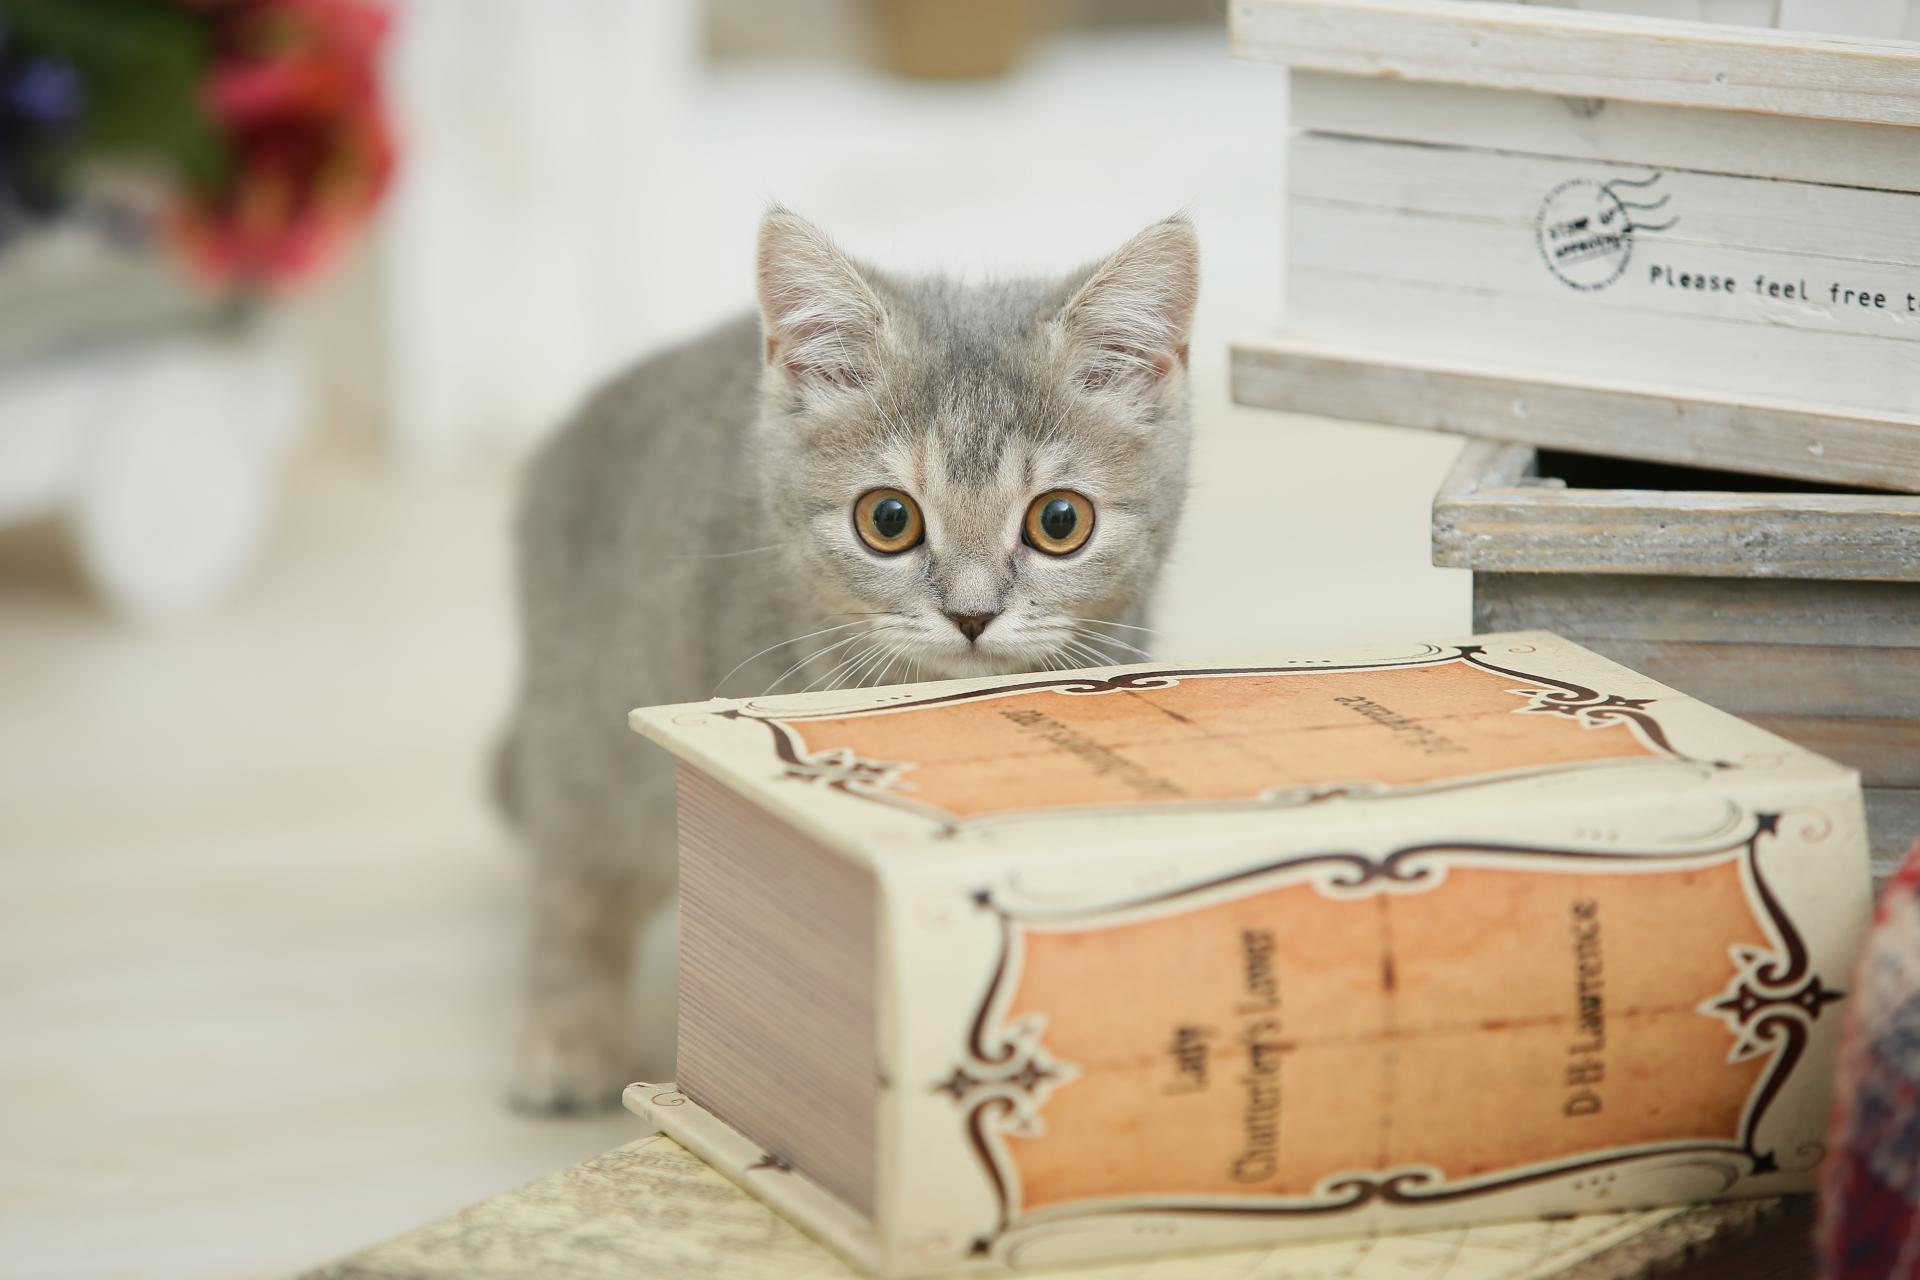 猫を初めて飼うときに覚えておきたいこと!5つの基本